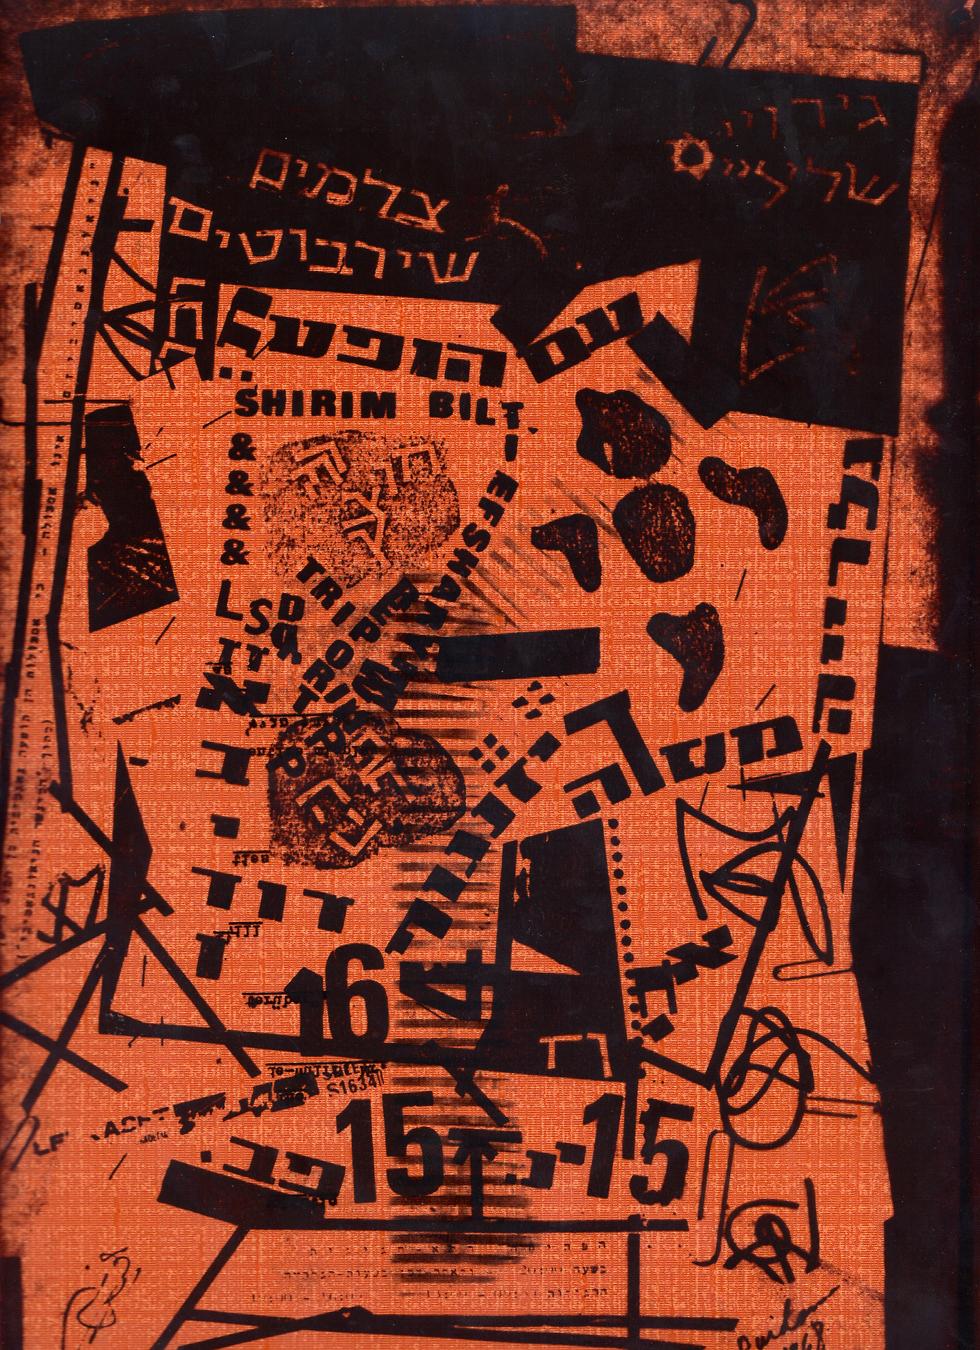 דוד אבידן תערוכה (מתוך אוסף משפחת לוטם-אבידן)